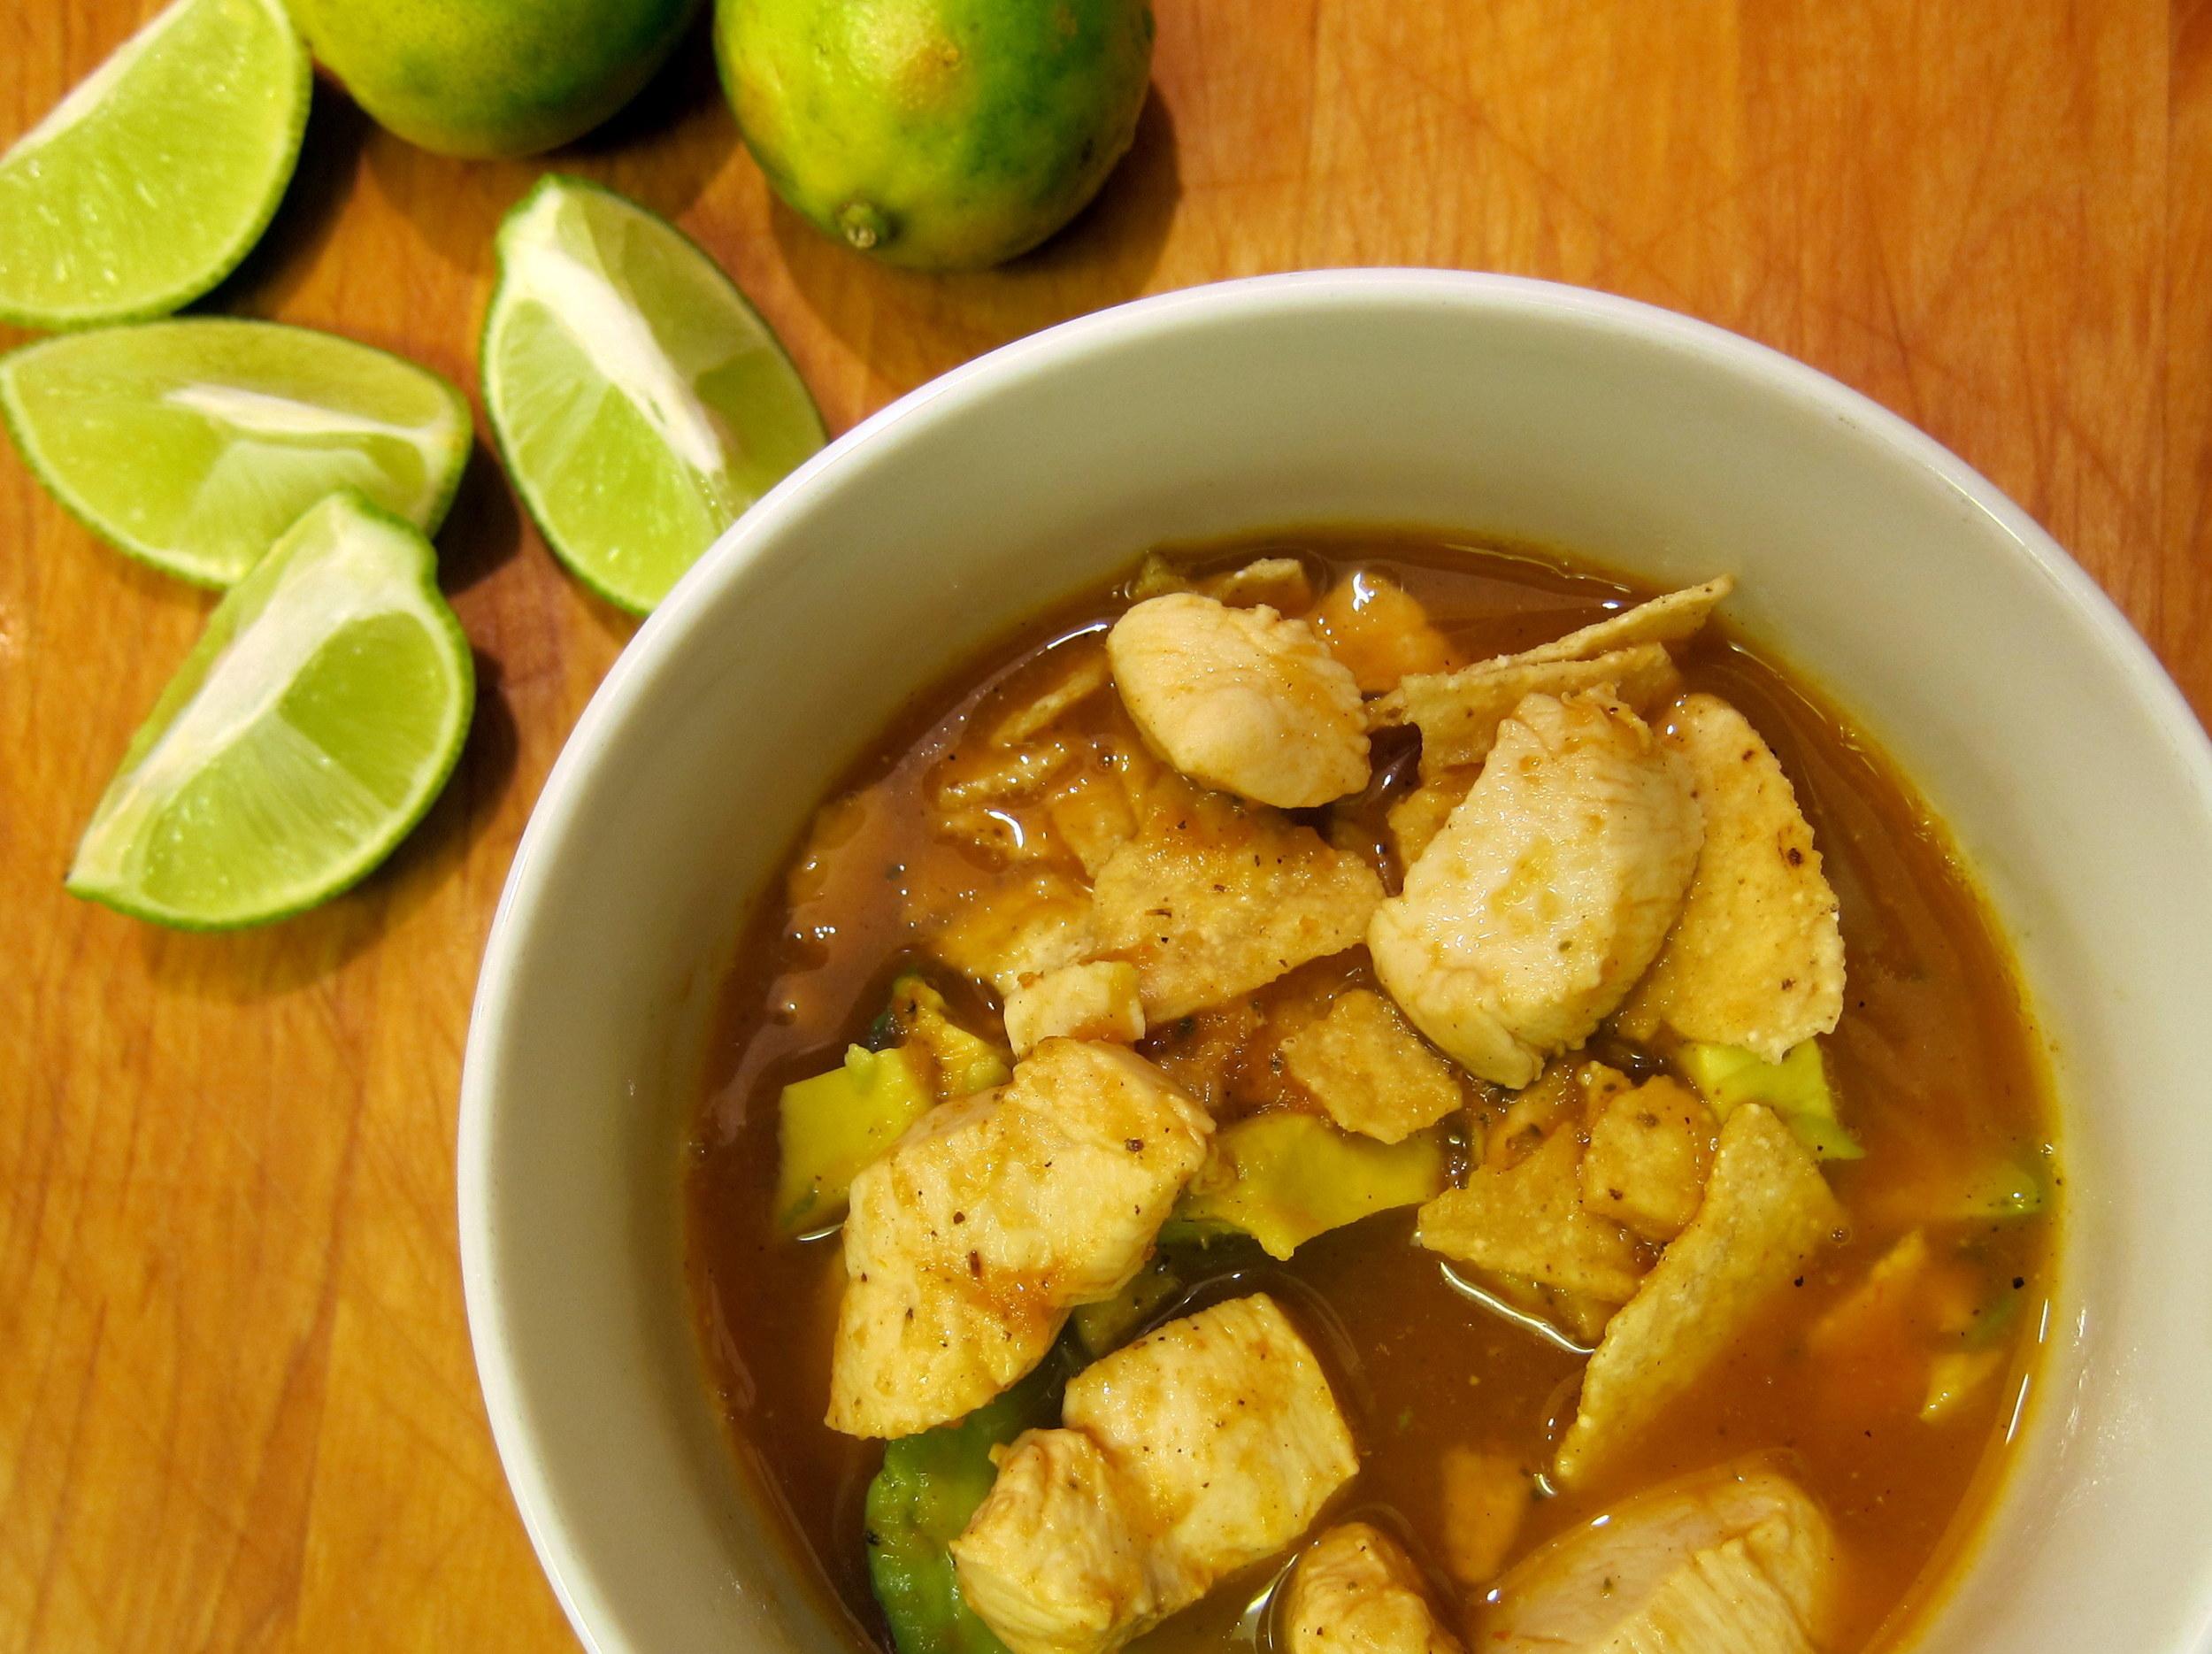 Sopa de Tortilla: Tortilla Soup